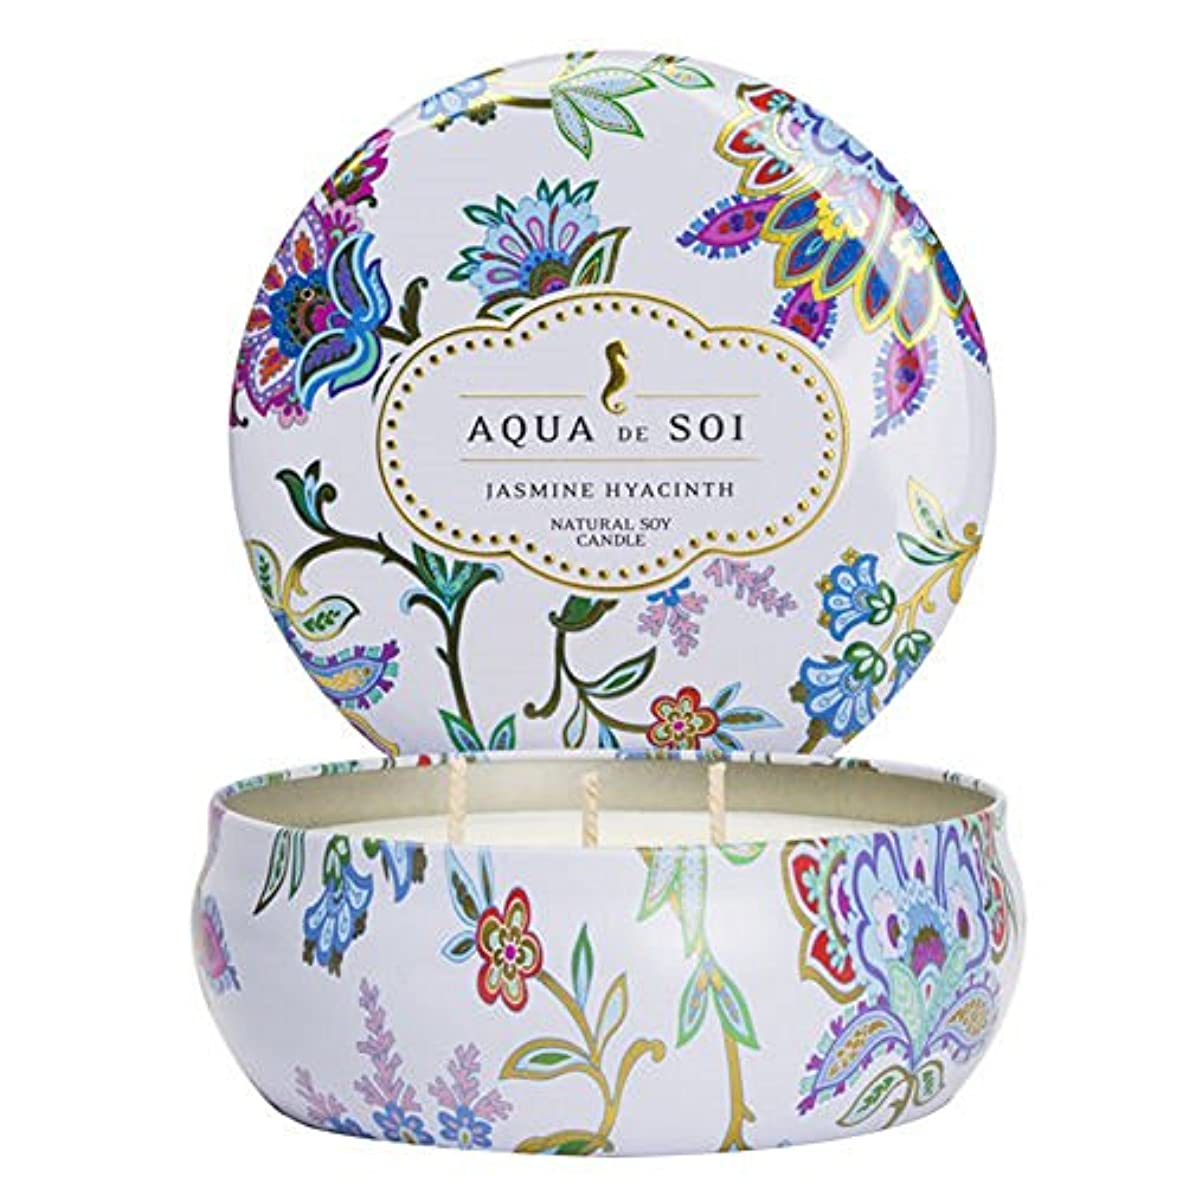 経験者航空つなぐSoi会社Aqua De Soi 100 %プレミアム天然Soy Candle、トリプルWick、21オンス 21 Ounces ホワイト unknown